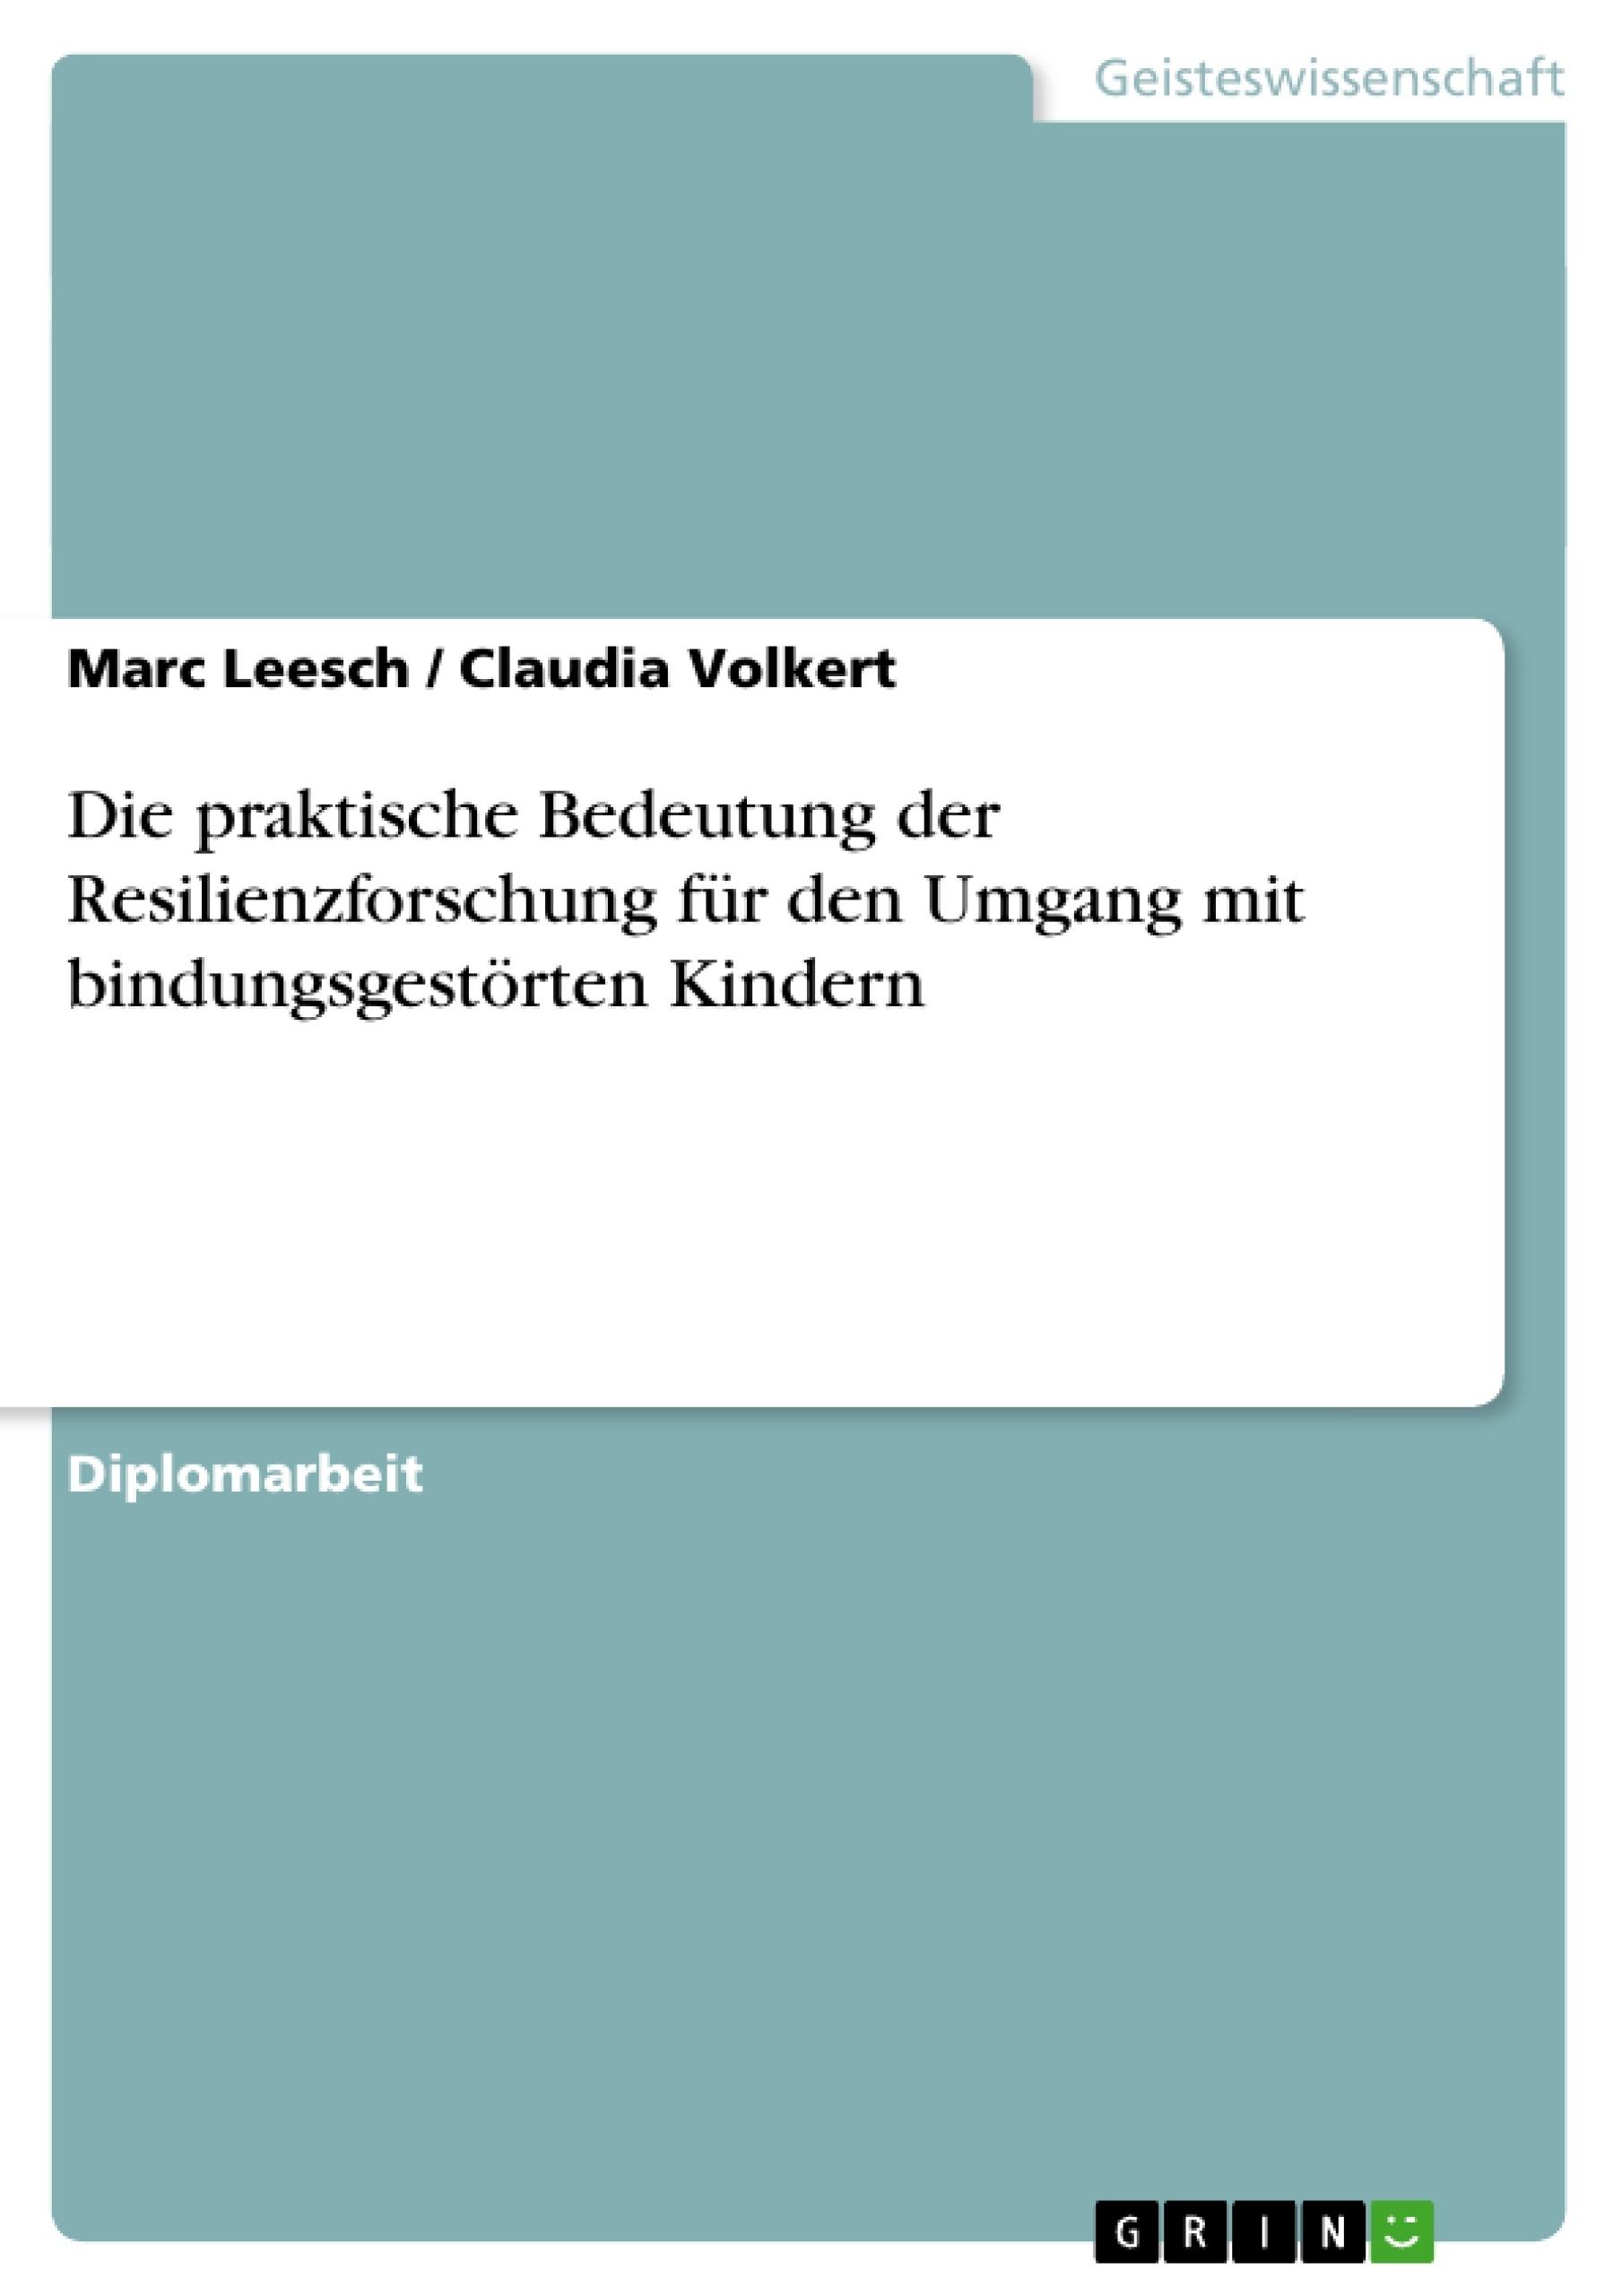 Titel: Die praktische Bedeutung der Resilienzforschung für den Umgang mit bindungsgestörten Kindern